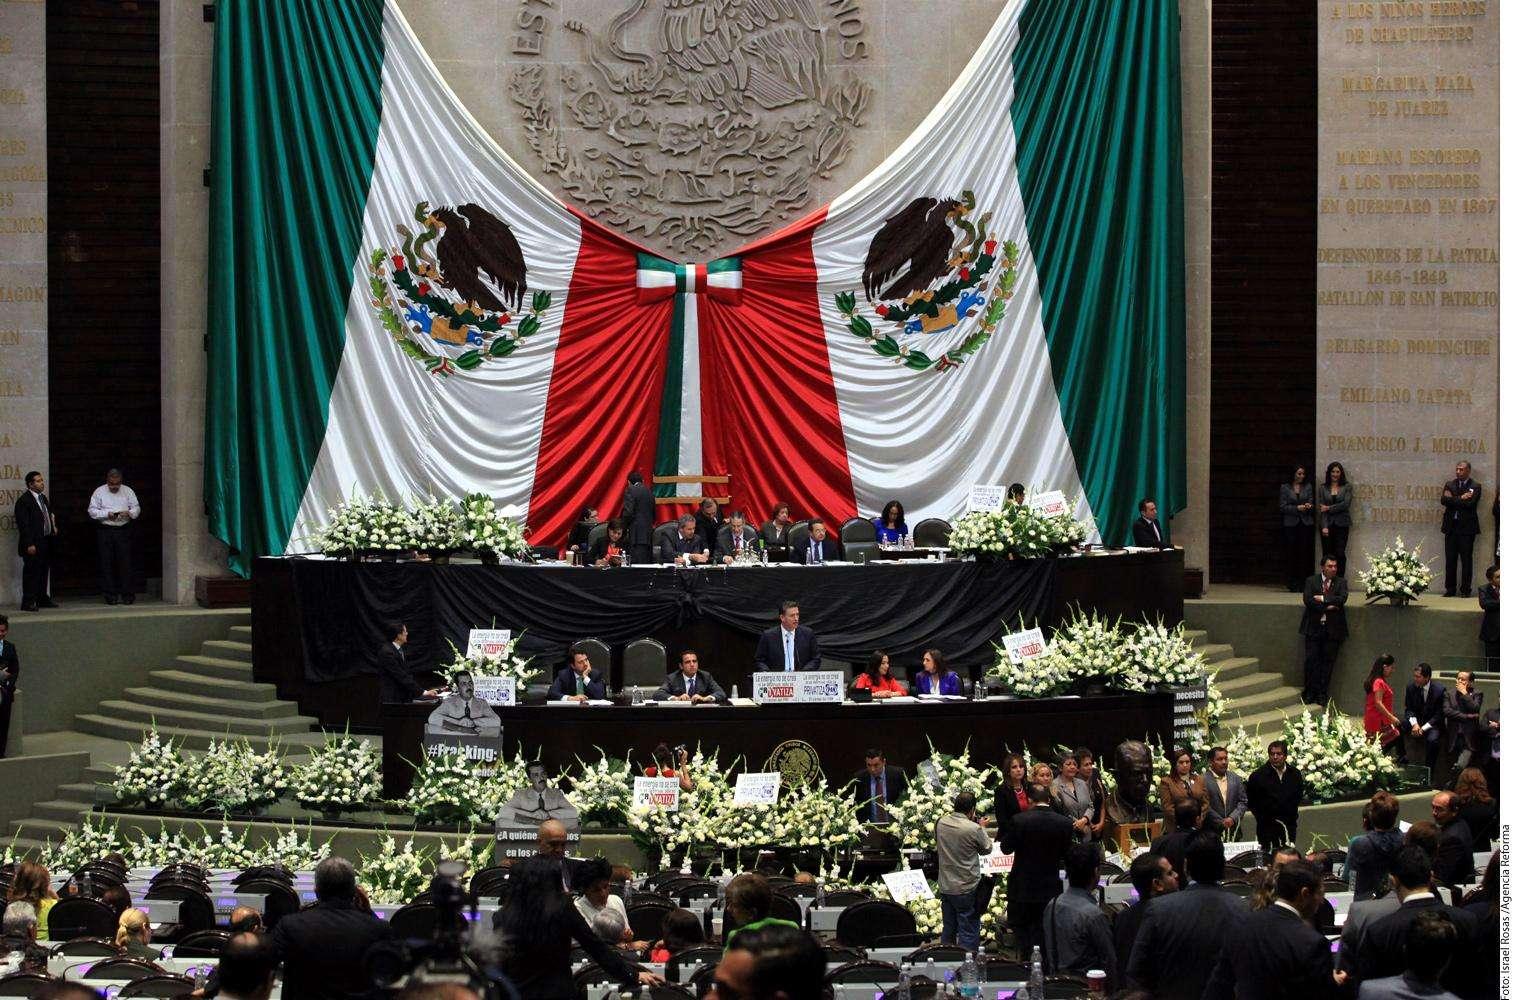 Agencia Reforma